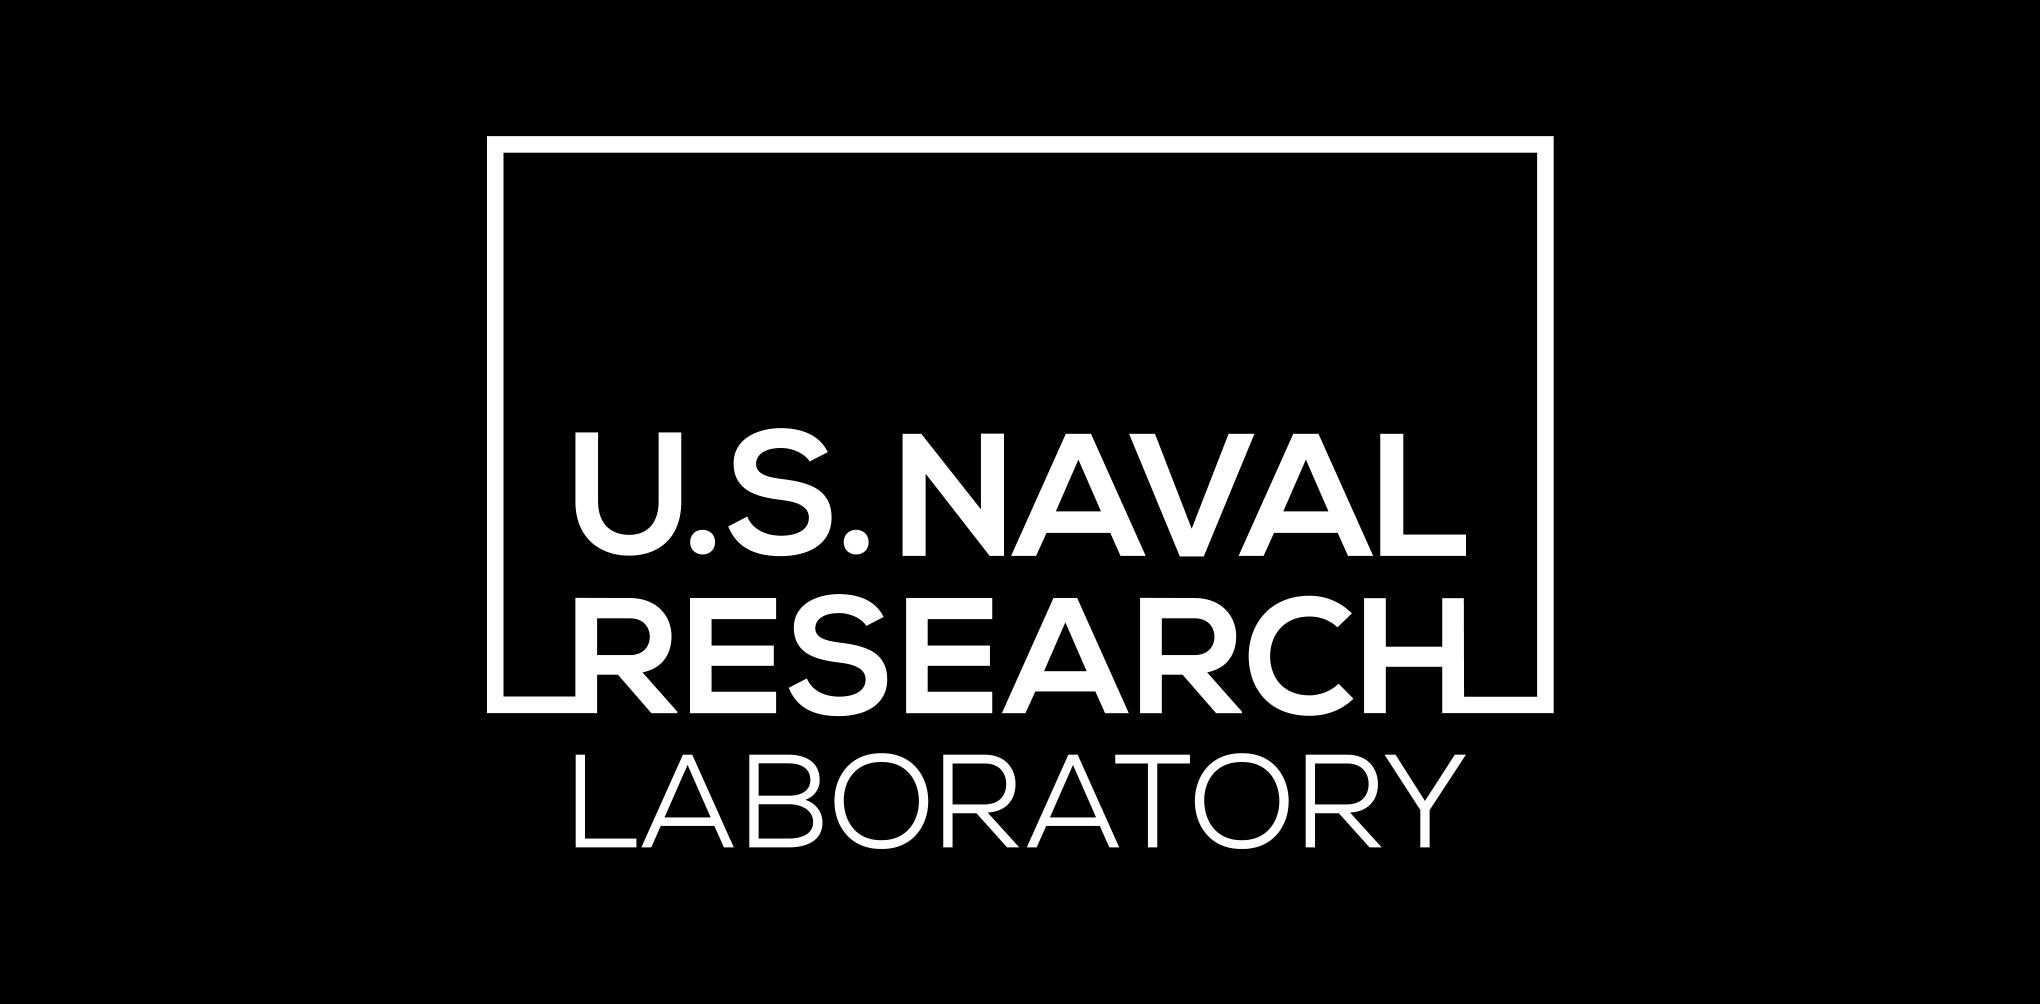 Official USNRL Logo